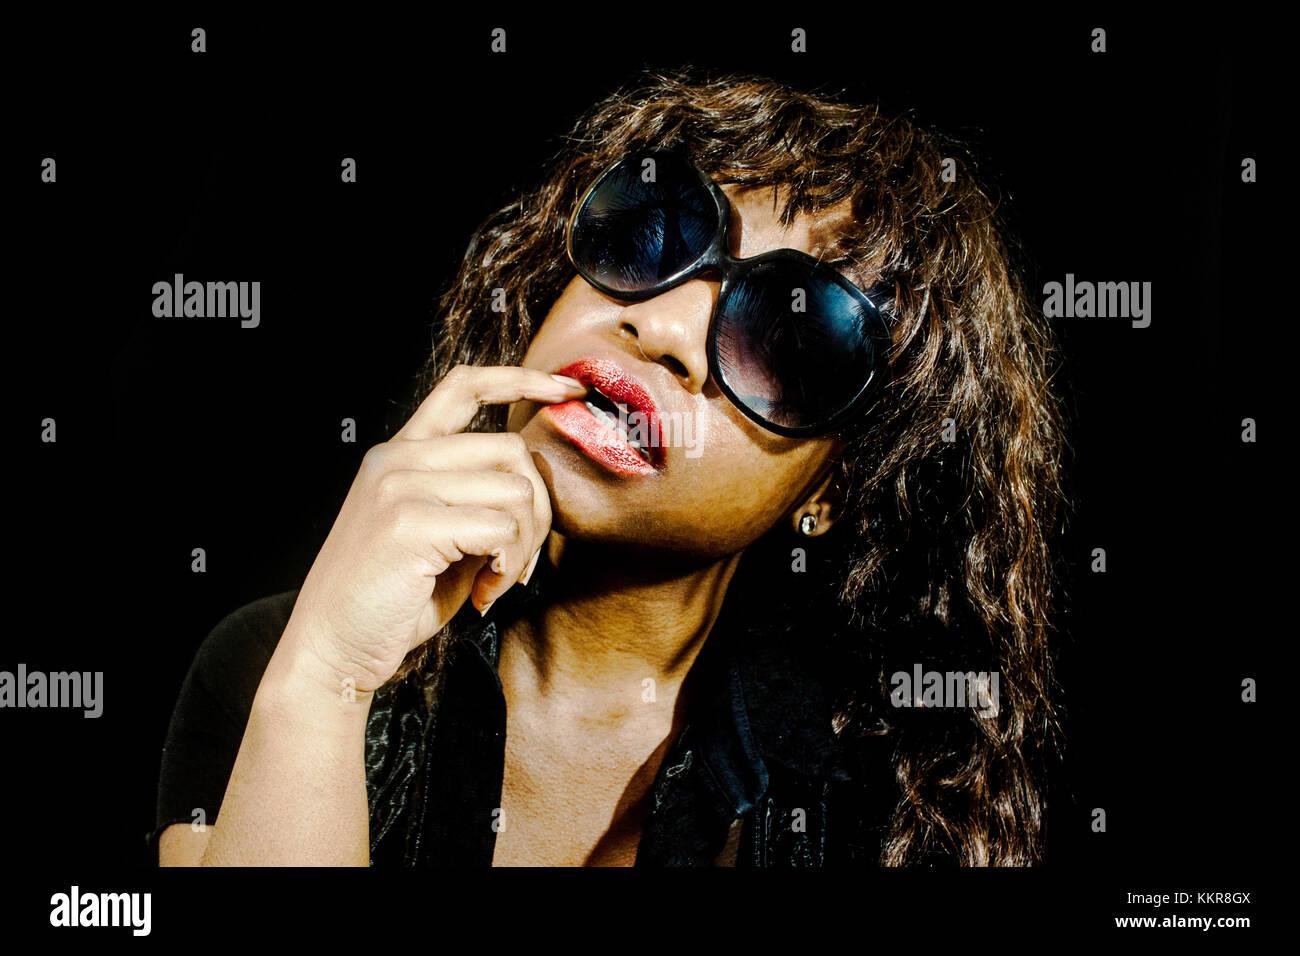 Frau beißt ihr Finger tragen Sonnenbrillen Stockbild